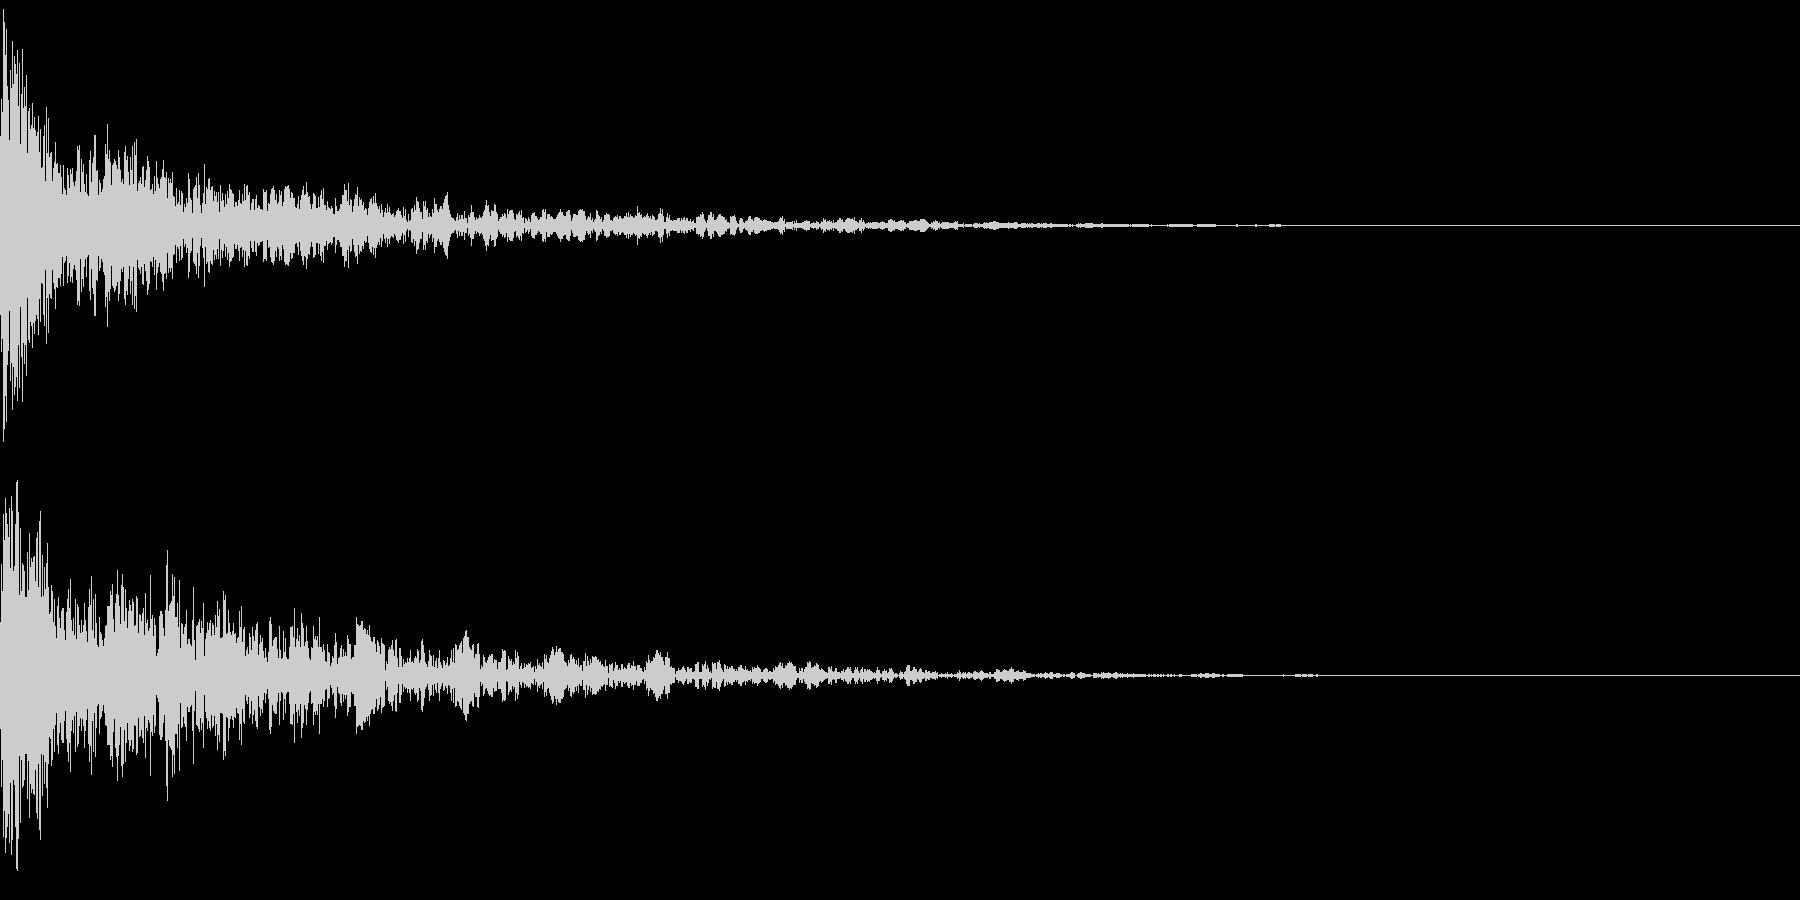 ドーン-45-2(インパクト音)の未再生の波形